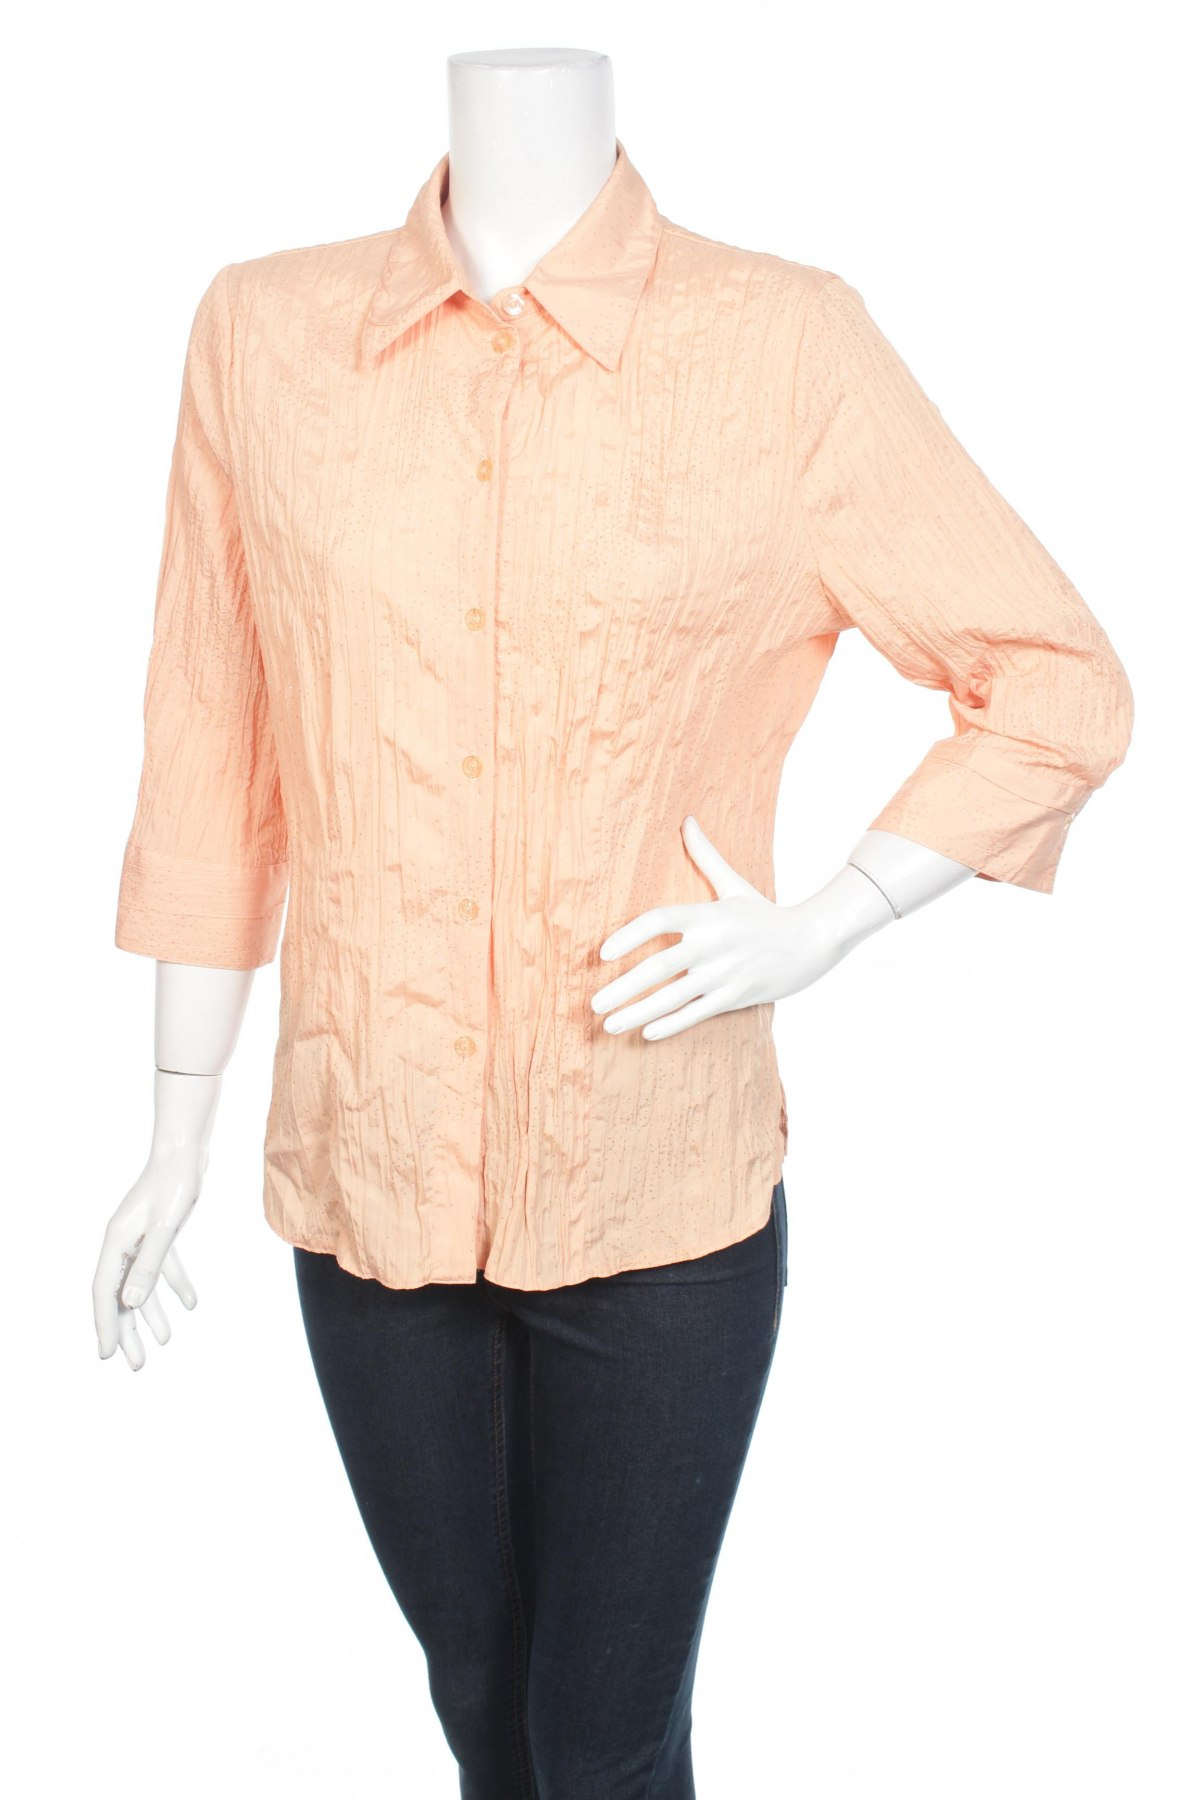 Γυναικείο πουκάμισο Chic